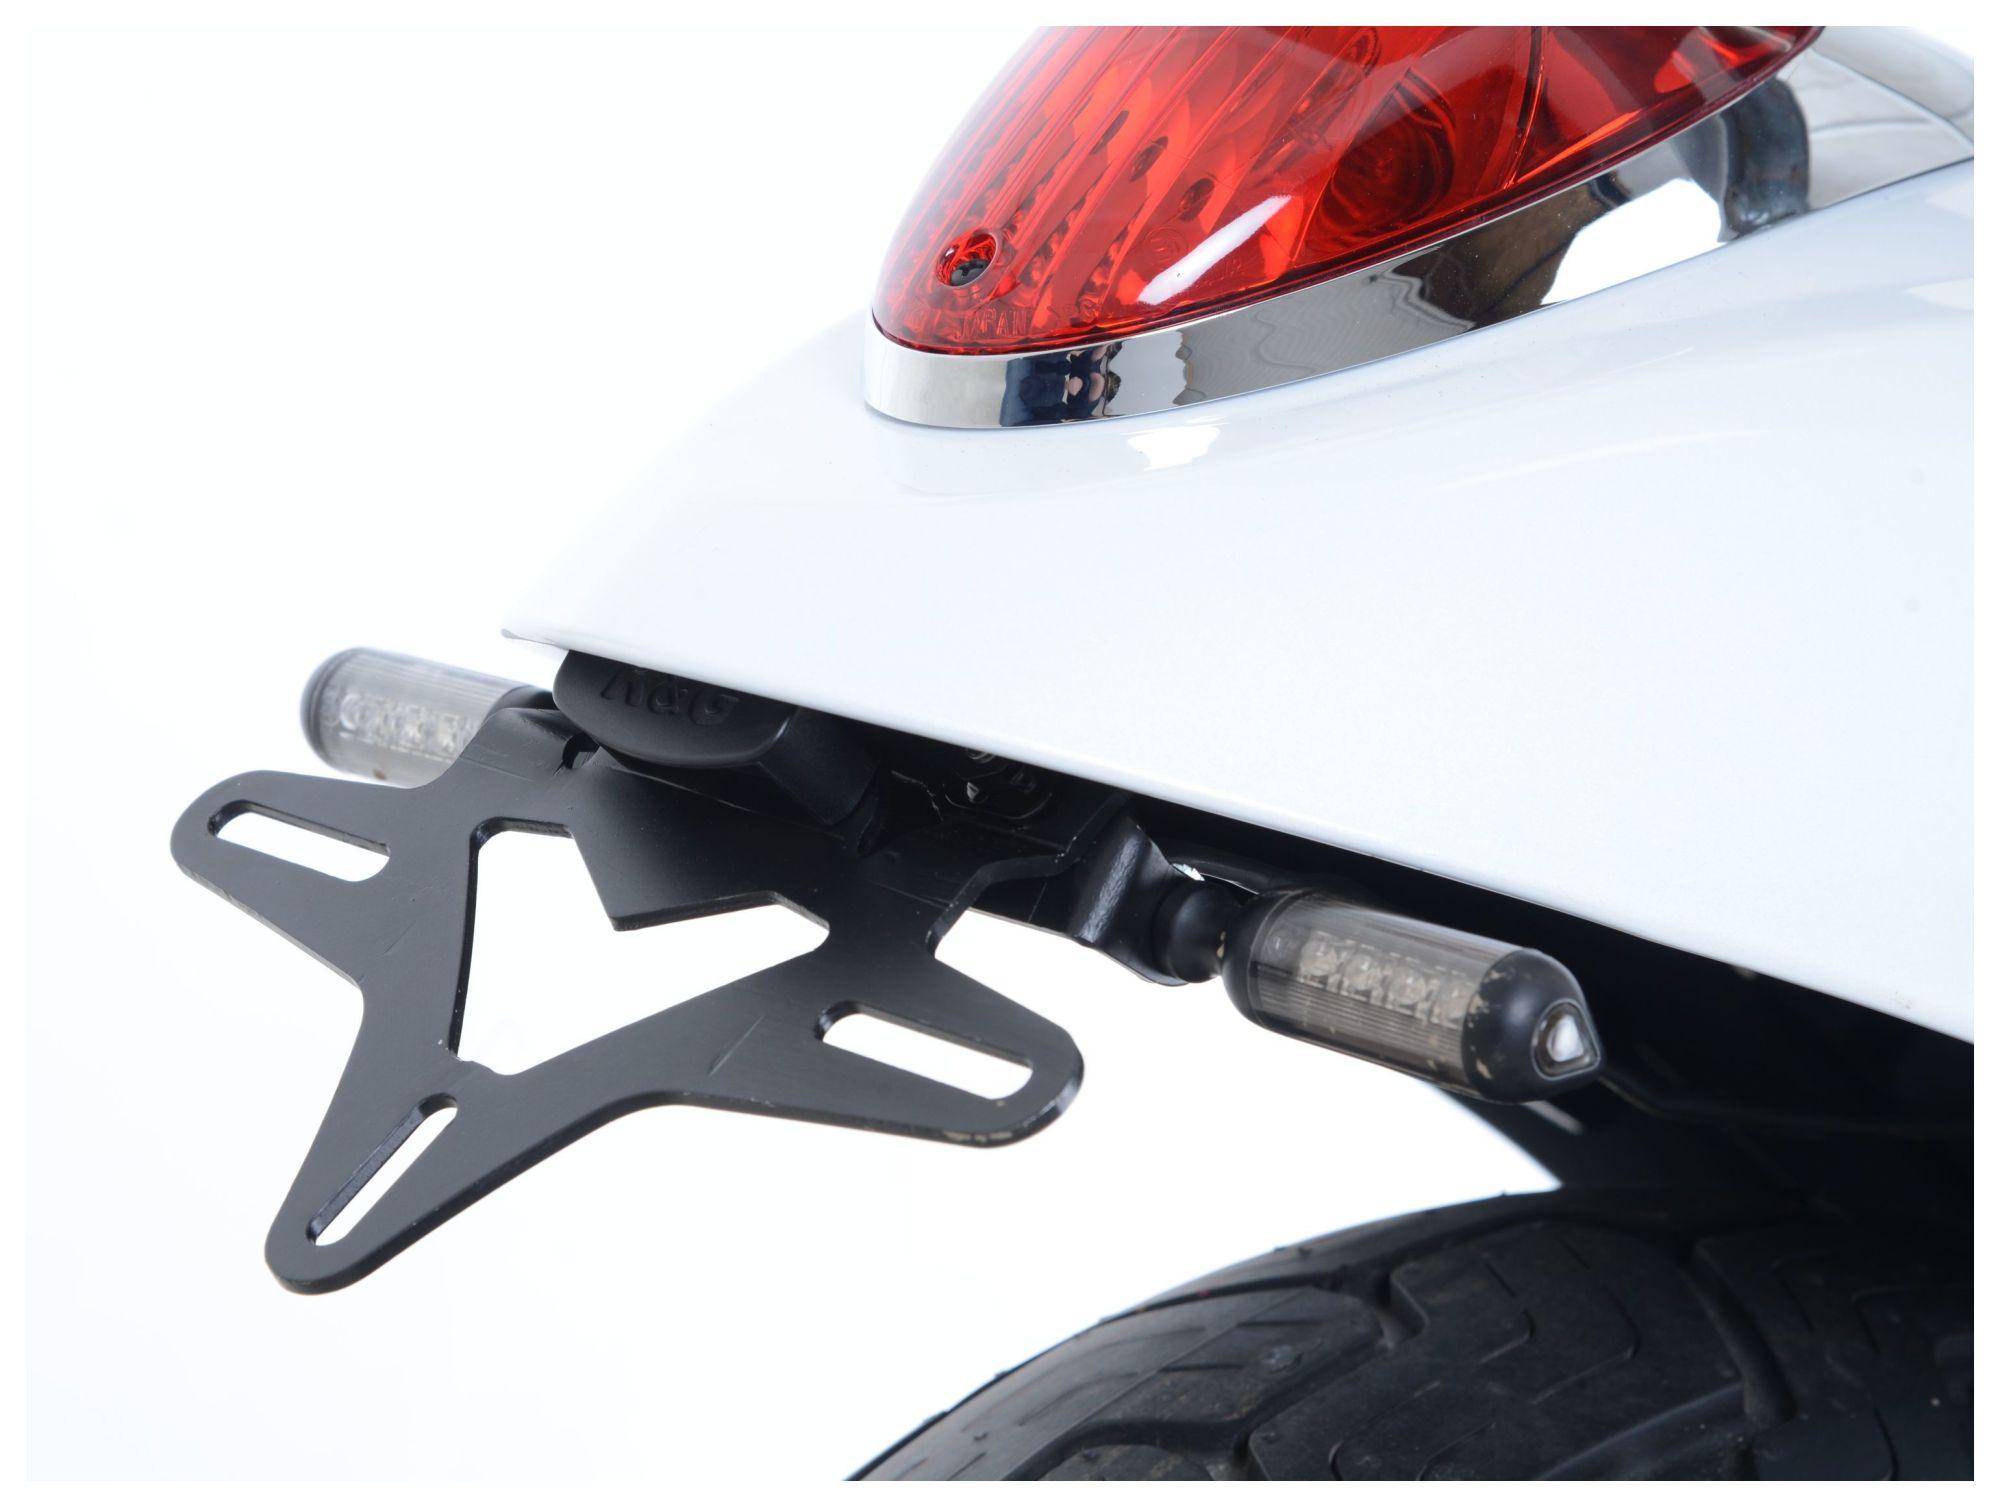 hight resolution of r g racing fender eliminator kawasaki vulcan 900 custom 2012 2019 revzilla